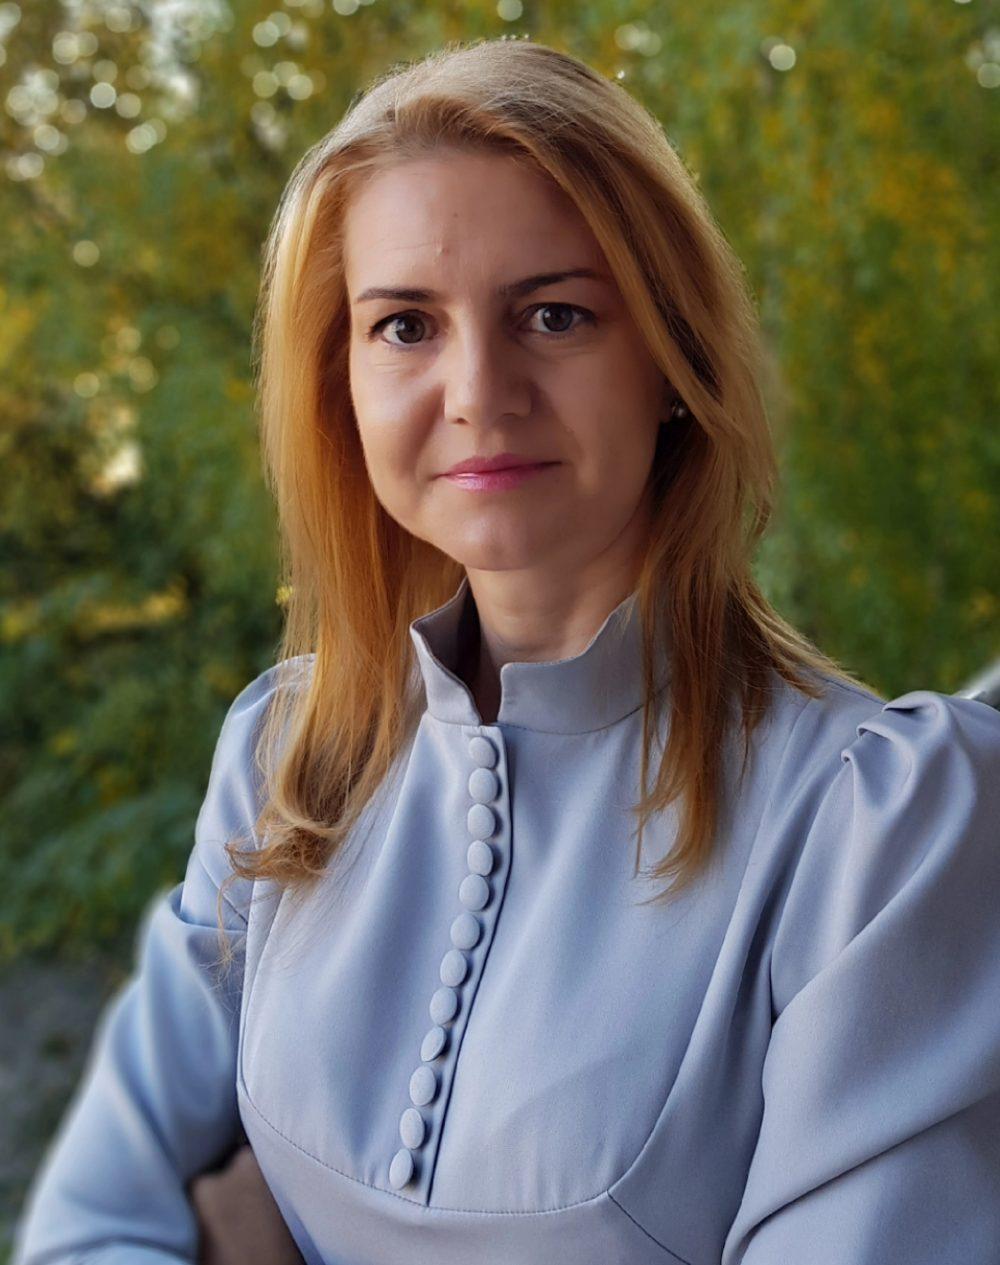 Reff & Asociații deschide un birou regional la Cluj-Napoca și o recrutează pe avocata Olguța Lazăr pentru a-l coordona